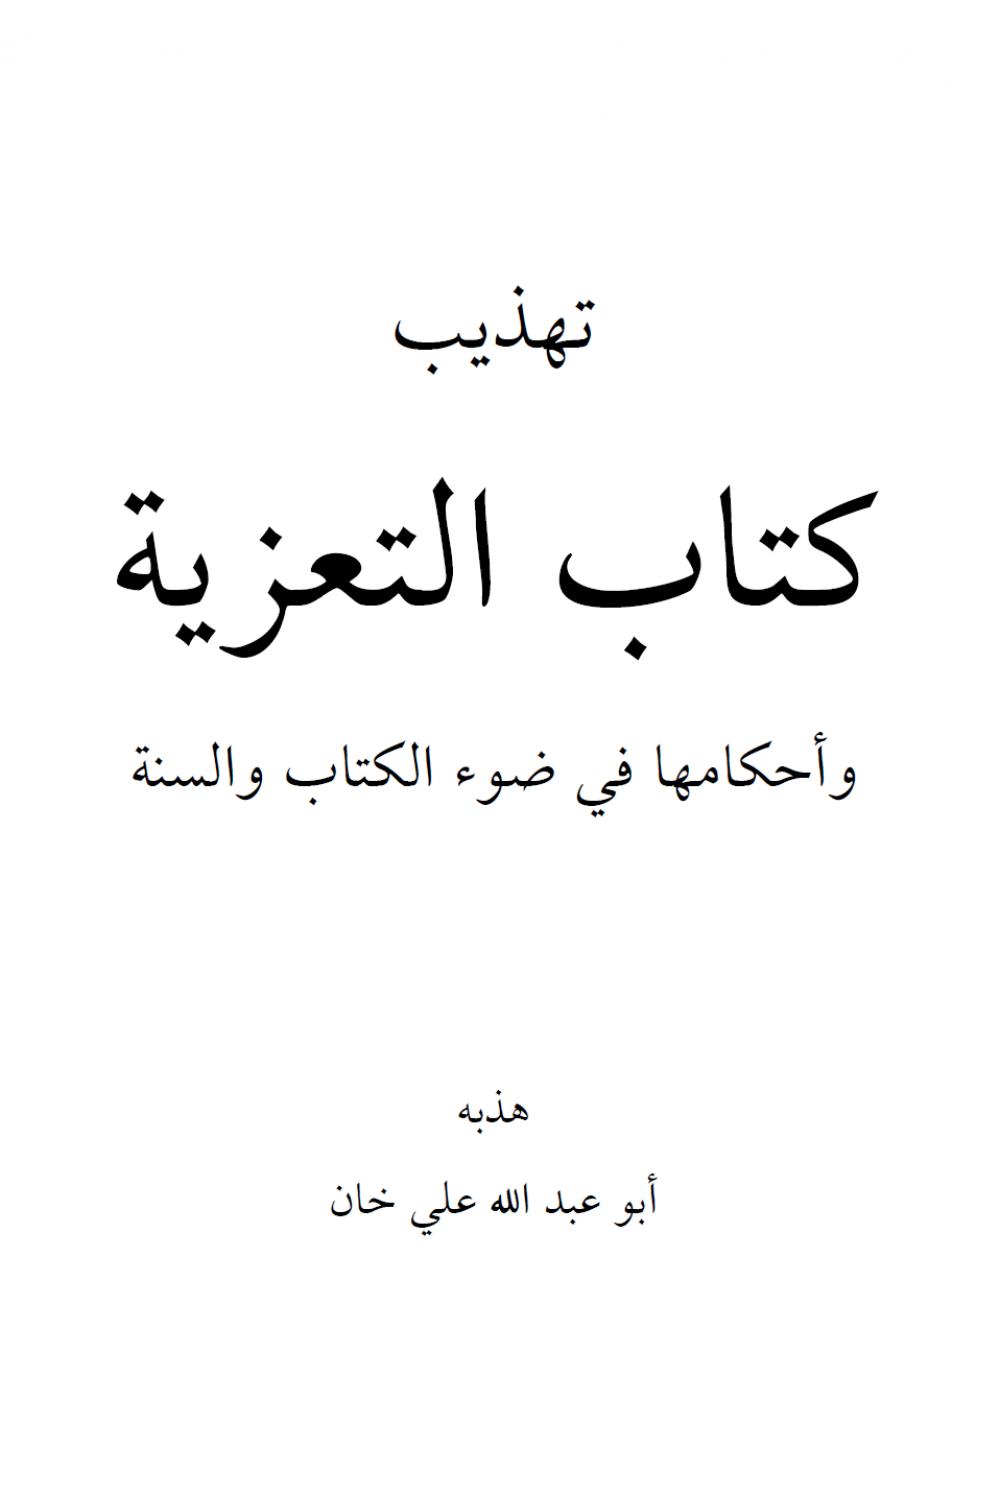 تهذيب كتاب التعزية وأحكامها في الفقه الإسلامي